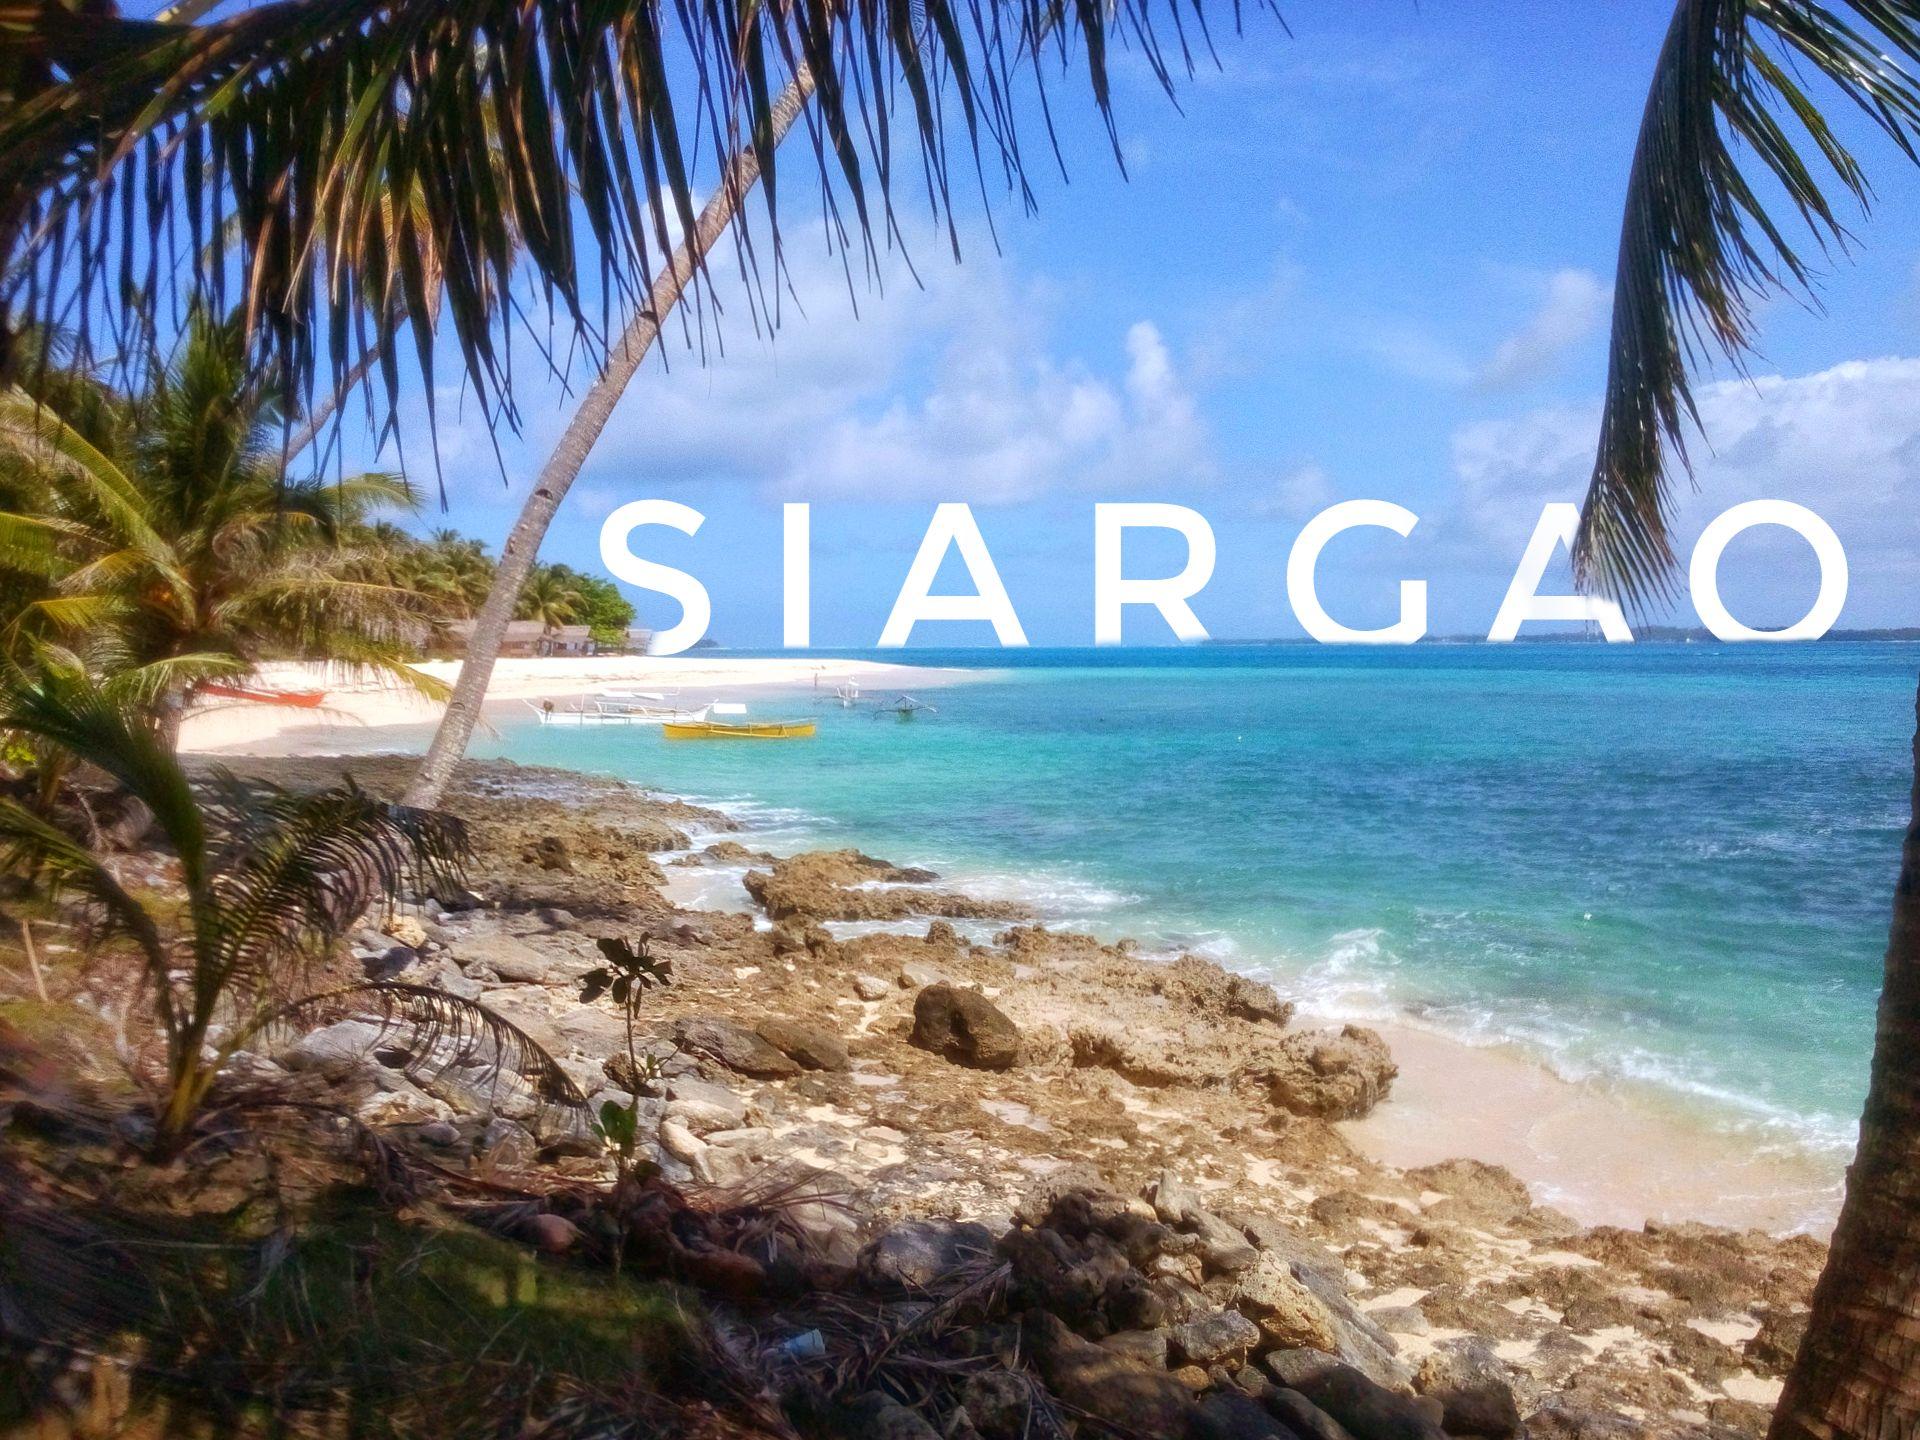 Siargao wyspa pełna słońca i fal - okładka postu